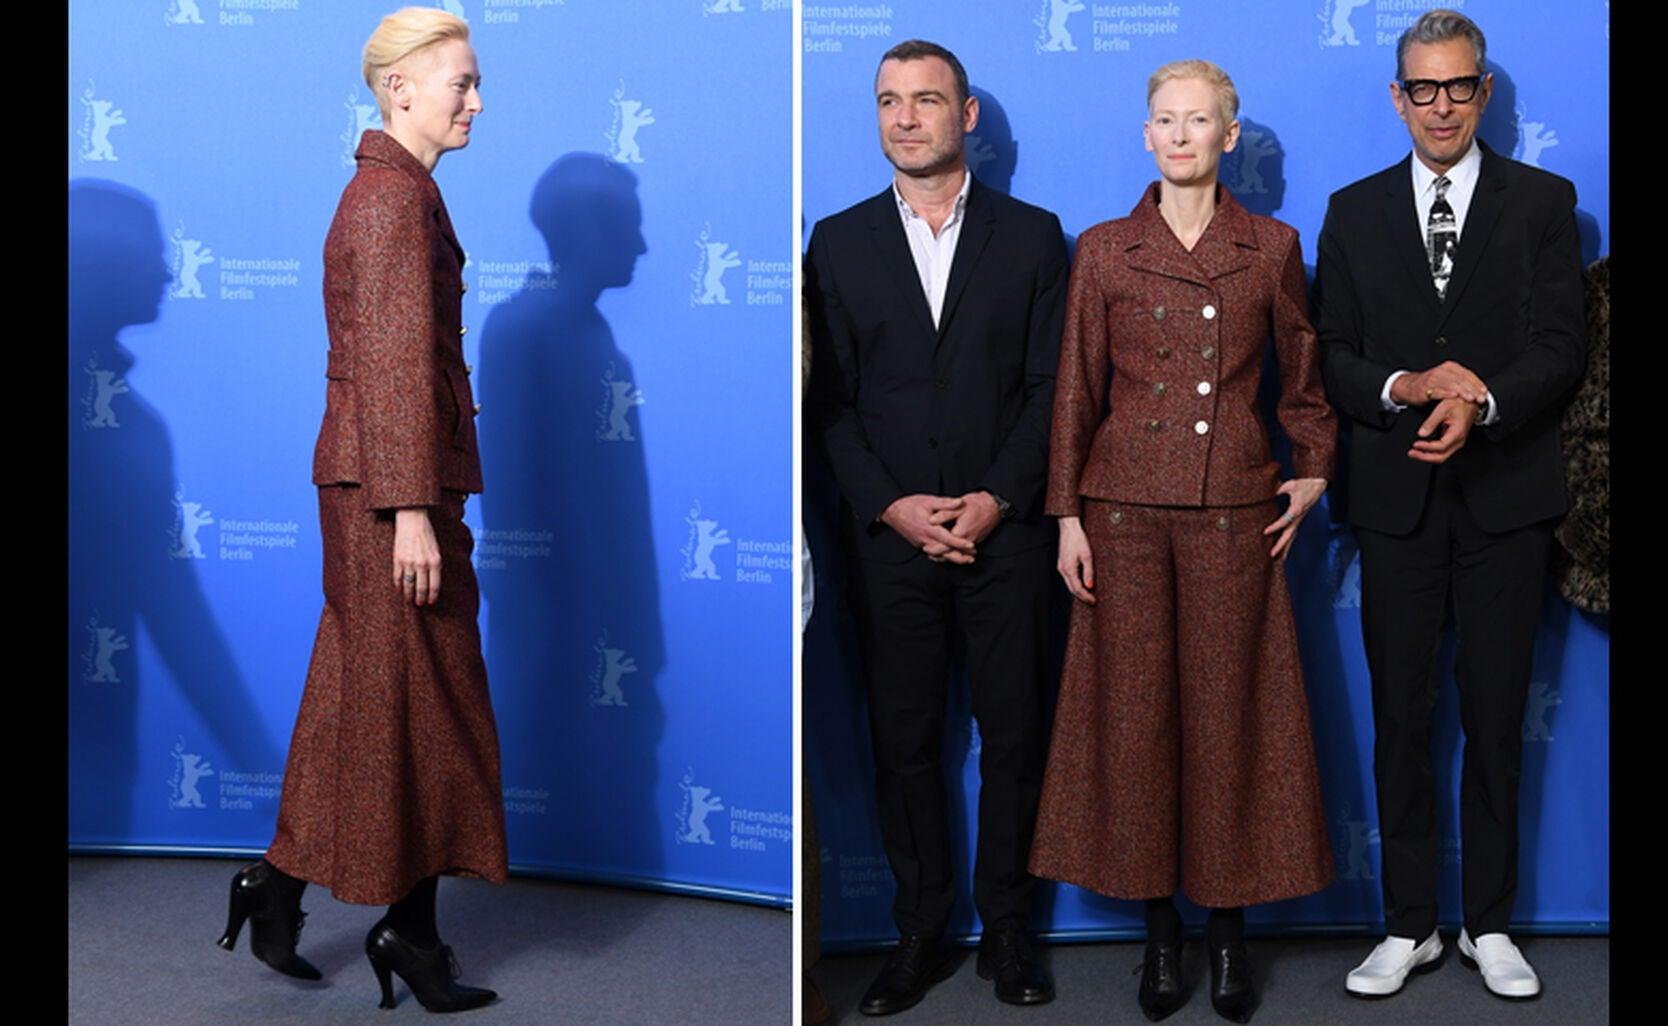 Tilda Swinton, Liev Schreiber and Jeff Goldblum